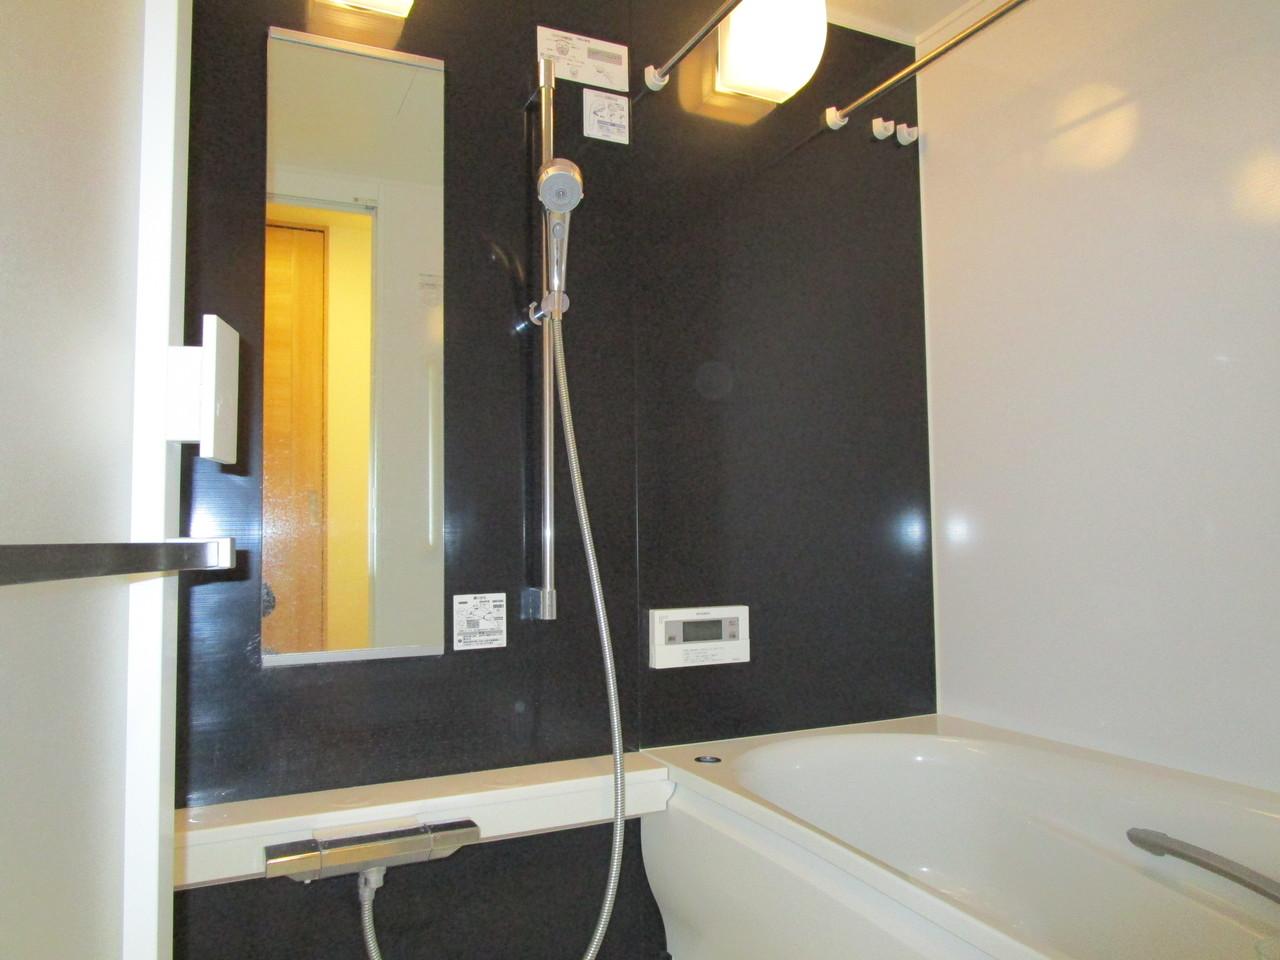 浴室も綺麗に使用されています。